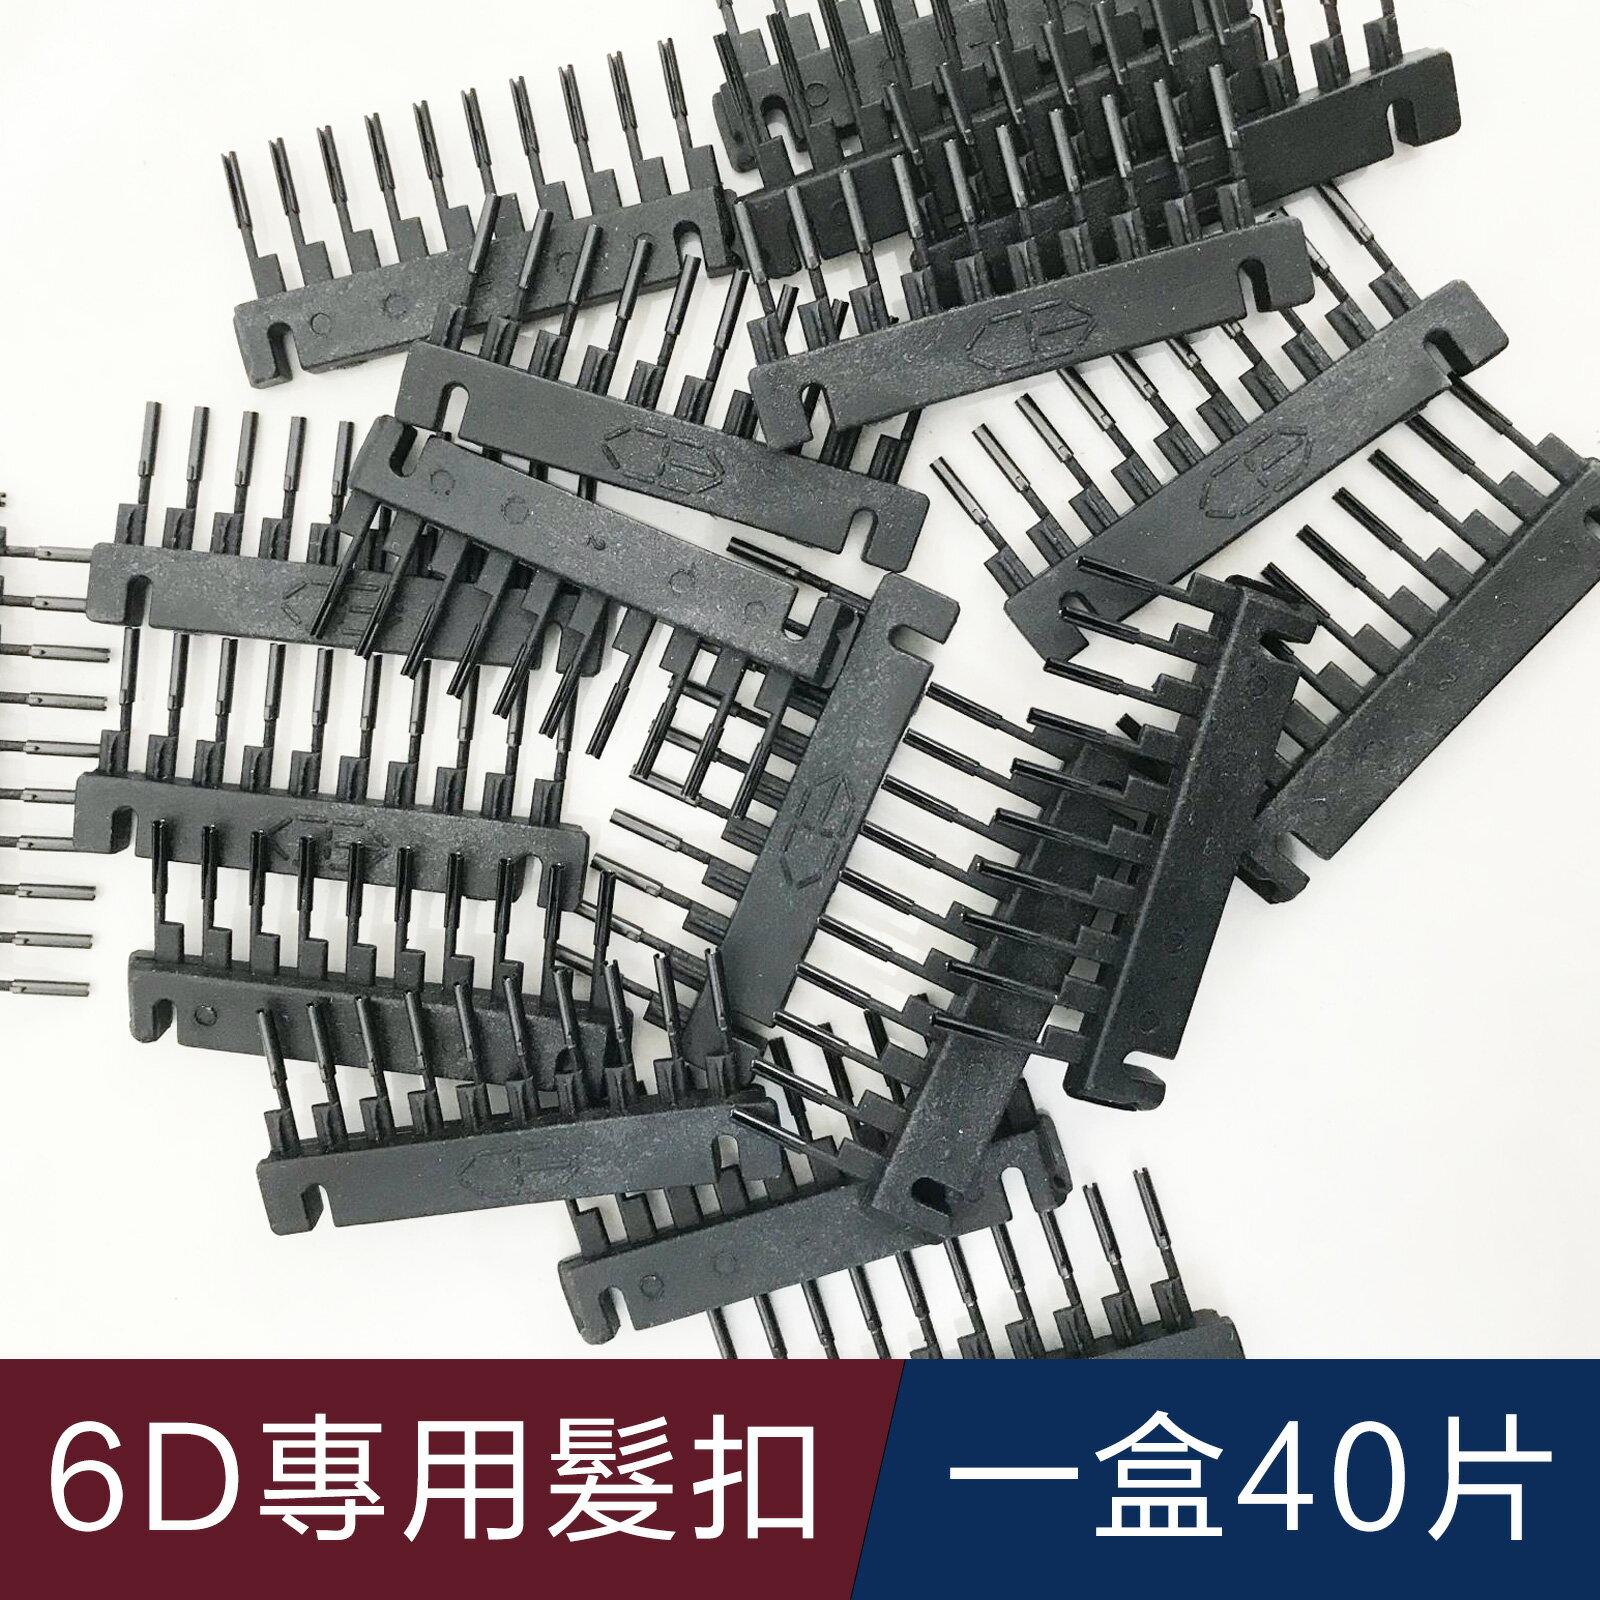 最新科技 6D接髮神器 專用髮扣 一盒40片髮扣 最舒適最隱形 無痕接髮【KH89】☆雙兒網☆